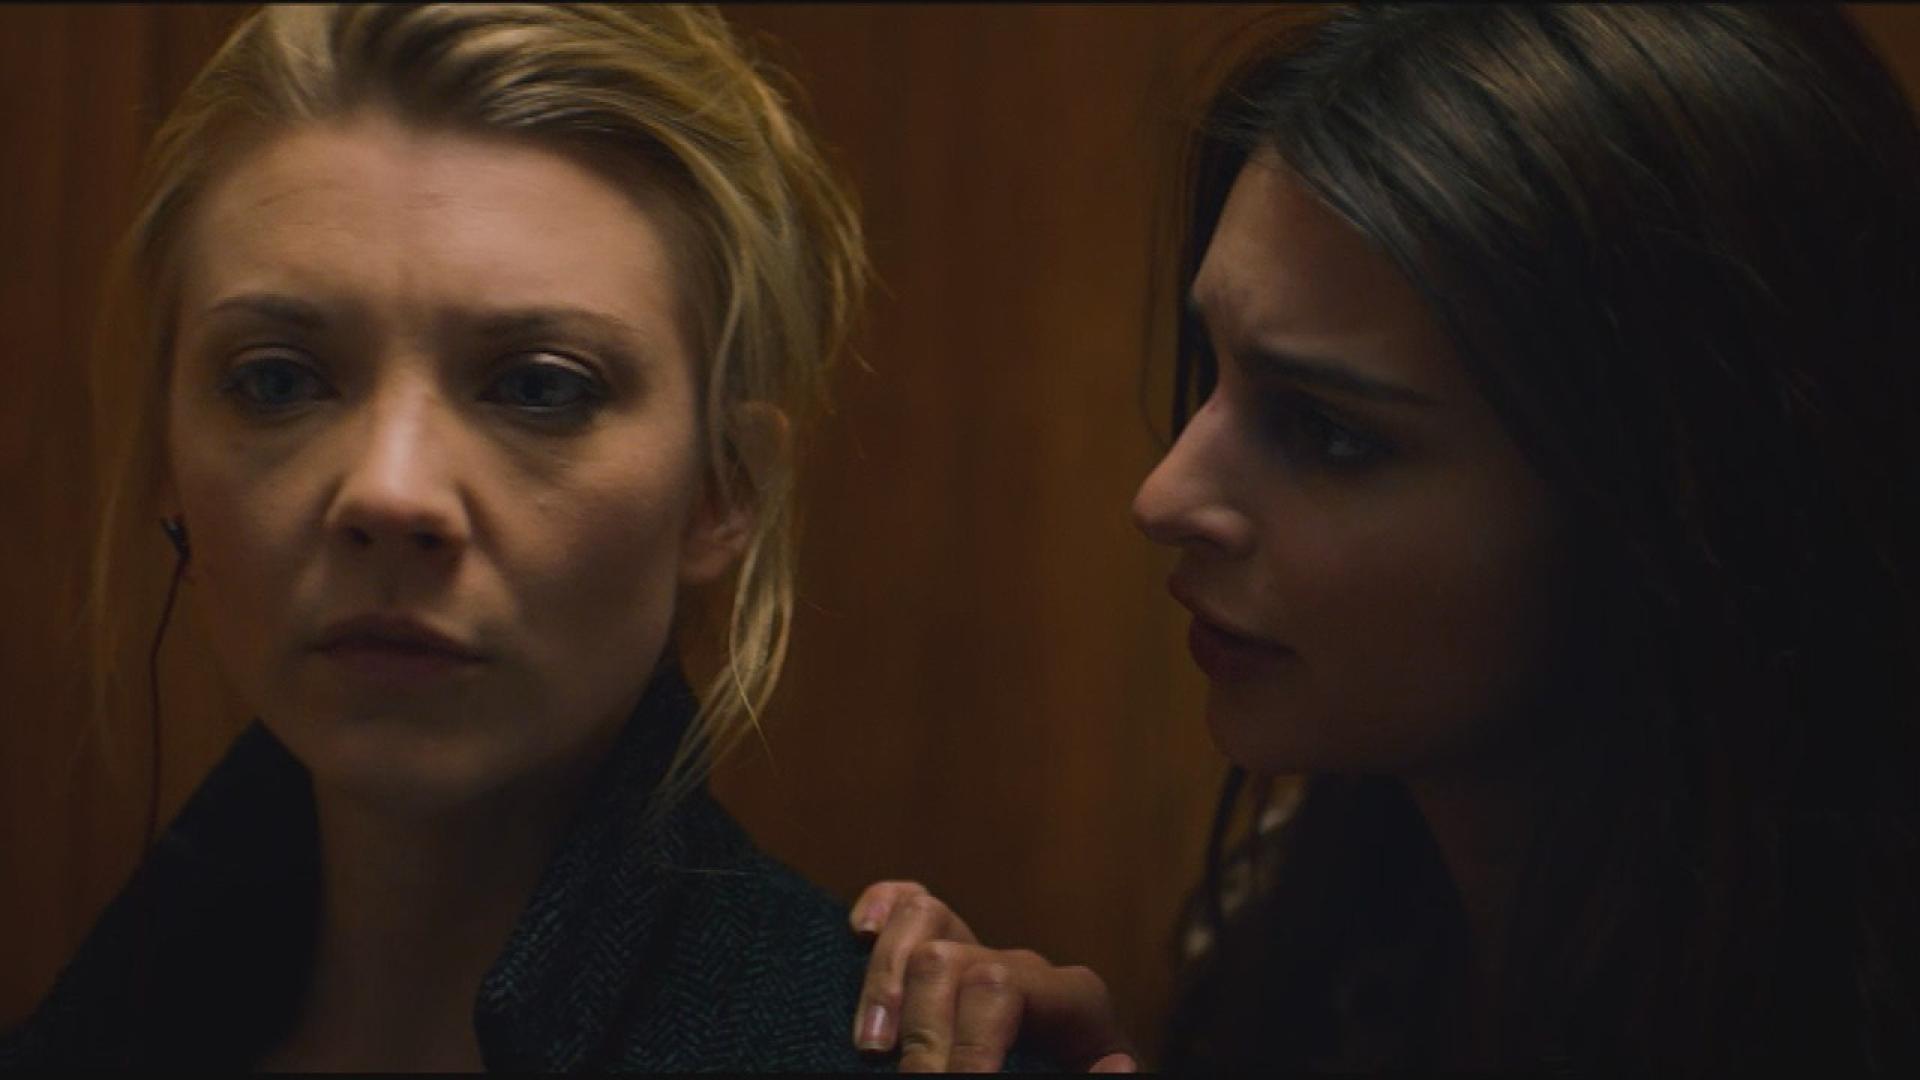 Előzetes Natalie Dormer feszült hangulatú thrilleréhez